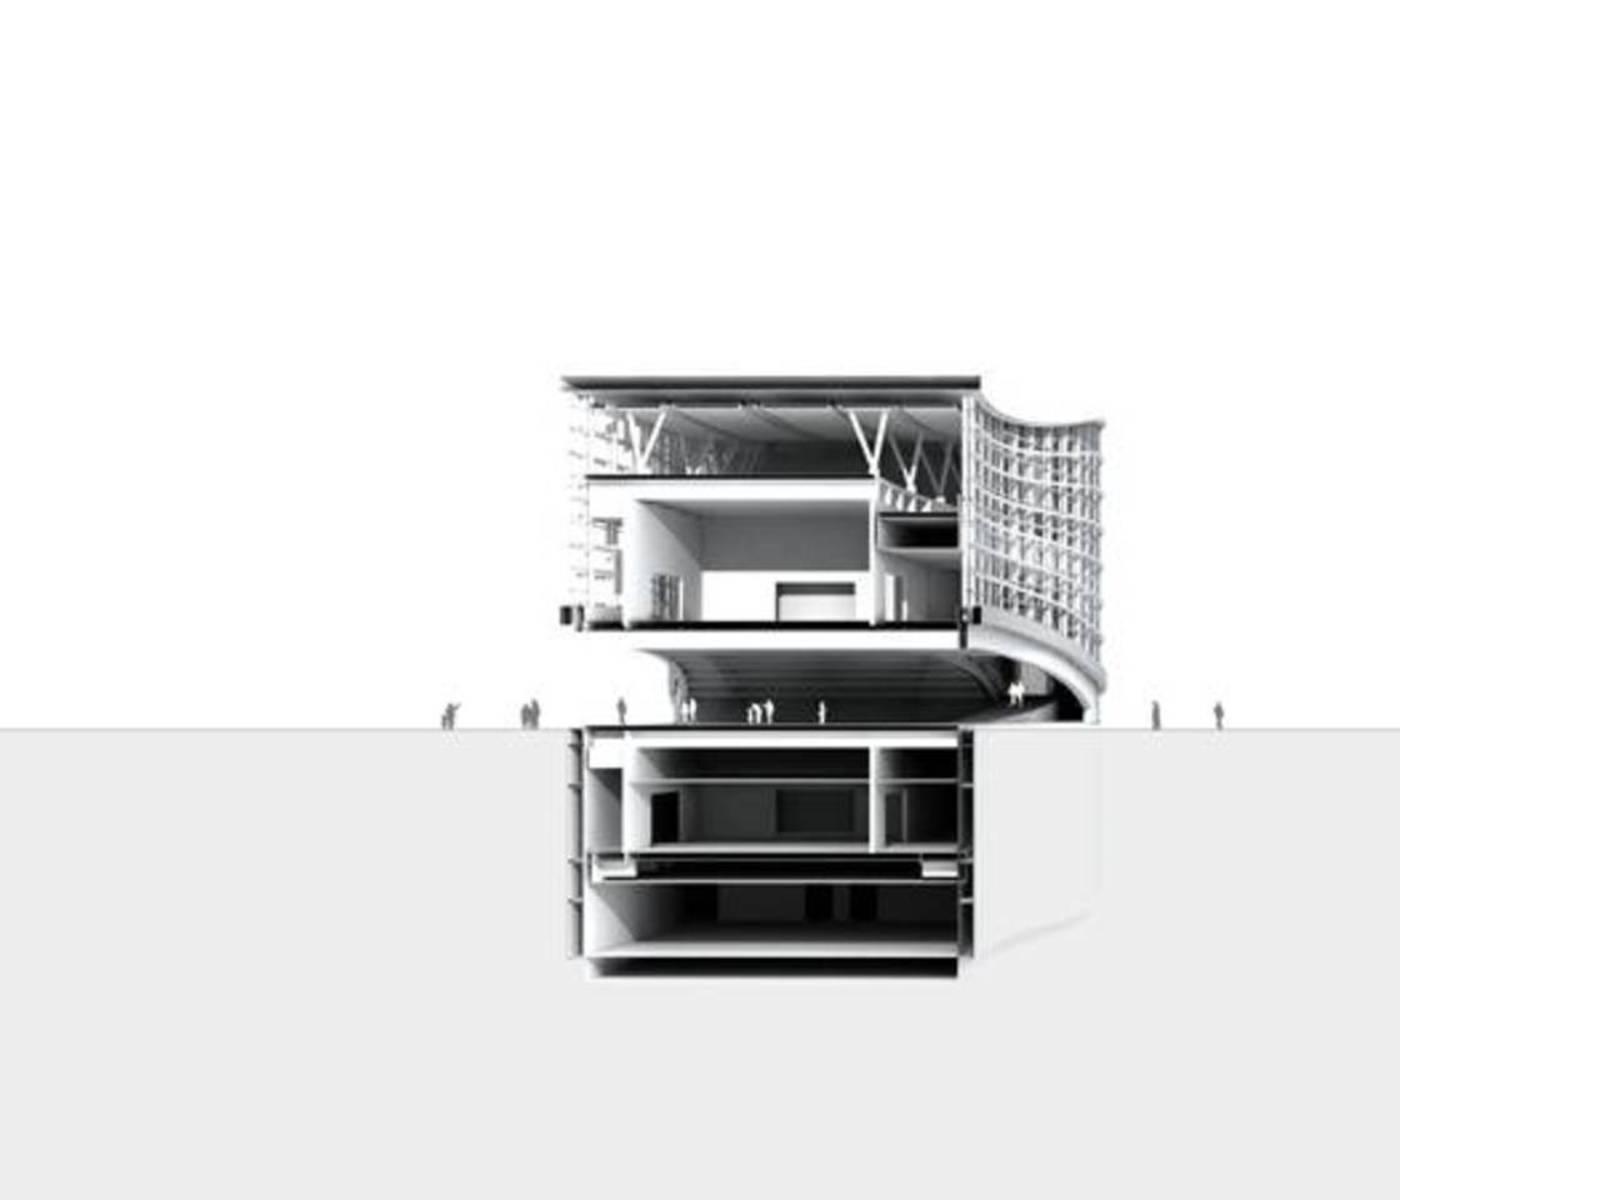 Modello 3D, sezione